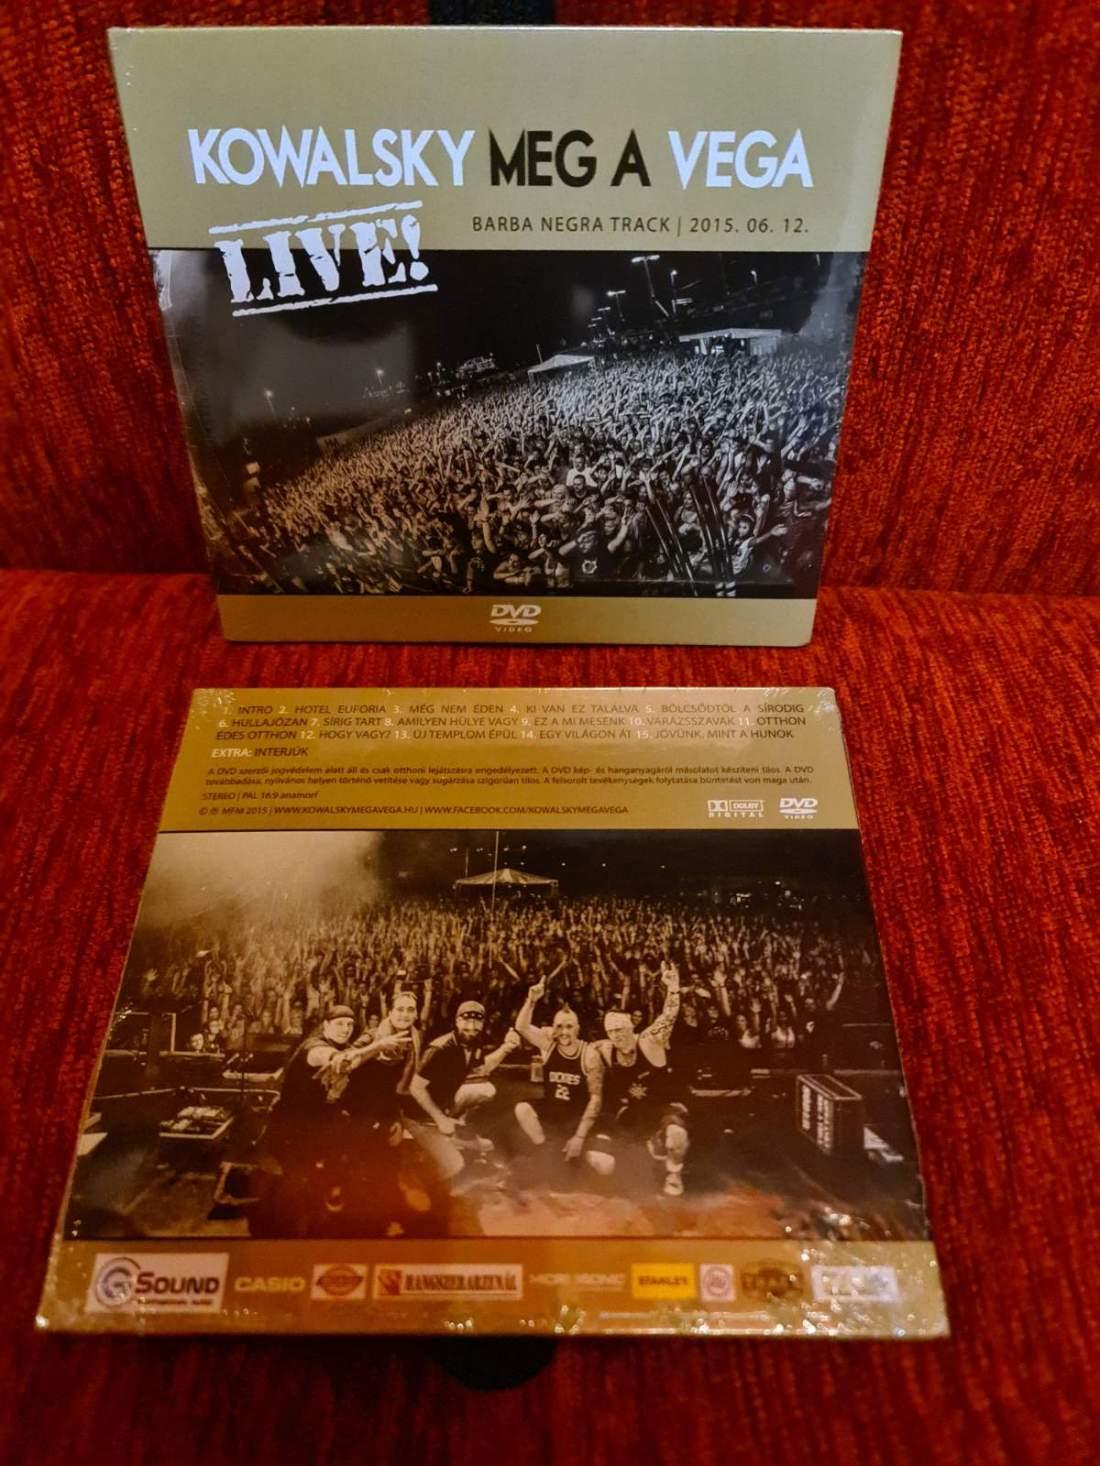 KOWALSKY MEG A VEGA - LIVE! DVD